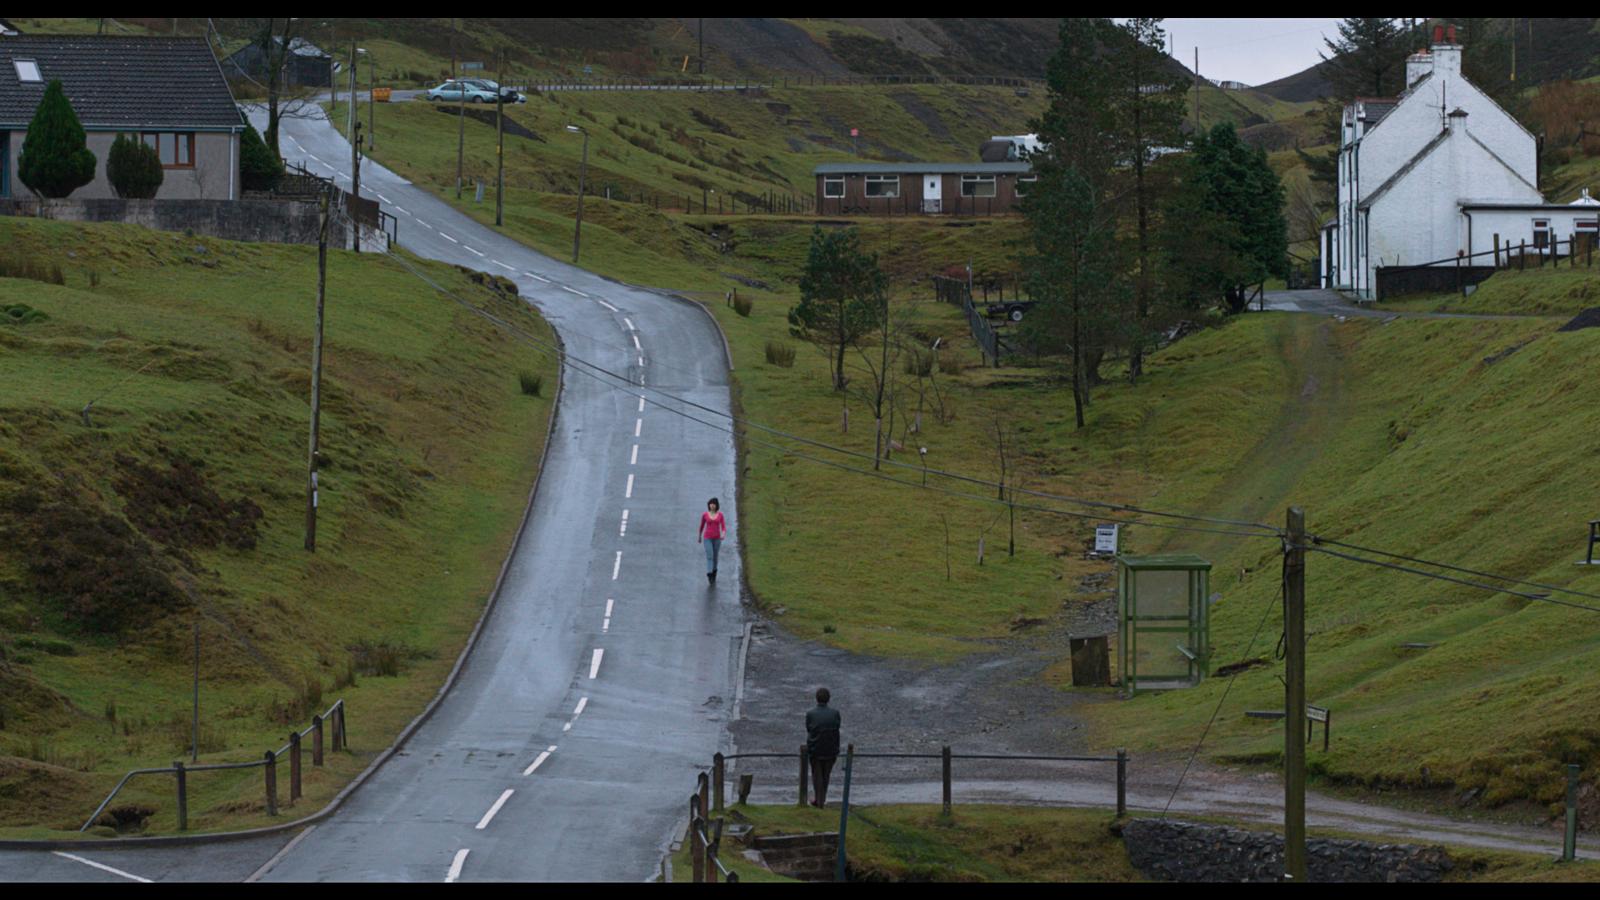 Still uit Under the Skin. Scarlett Johansson en het Schotse landschap spelen de hoofdrol in de verfilming van Fabers Boek